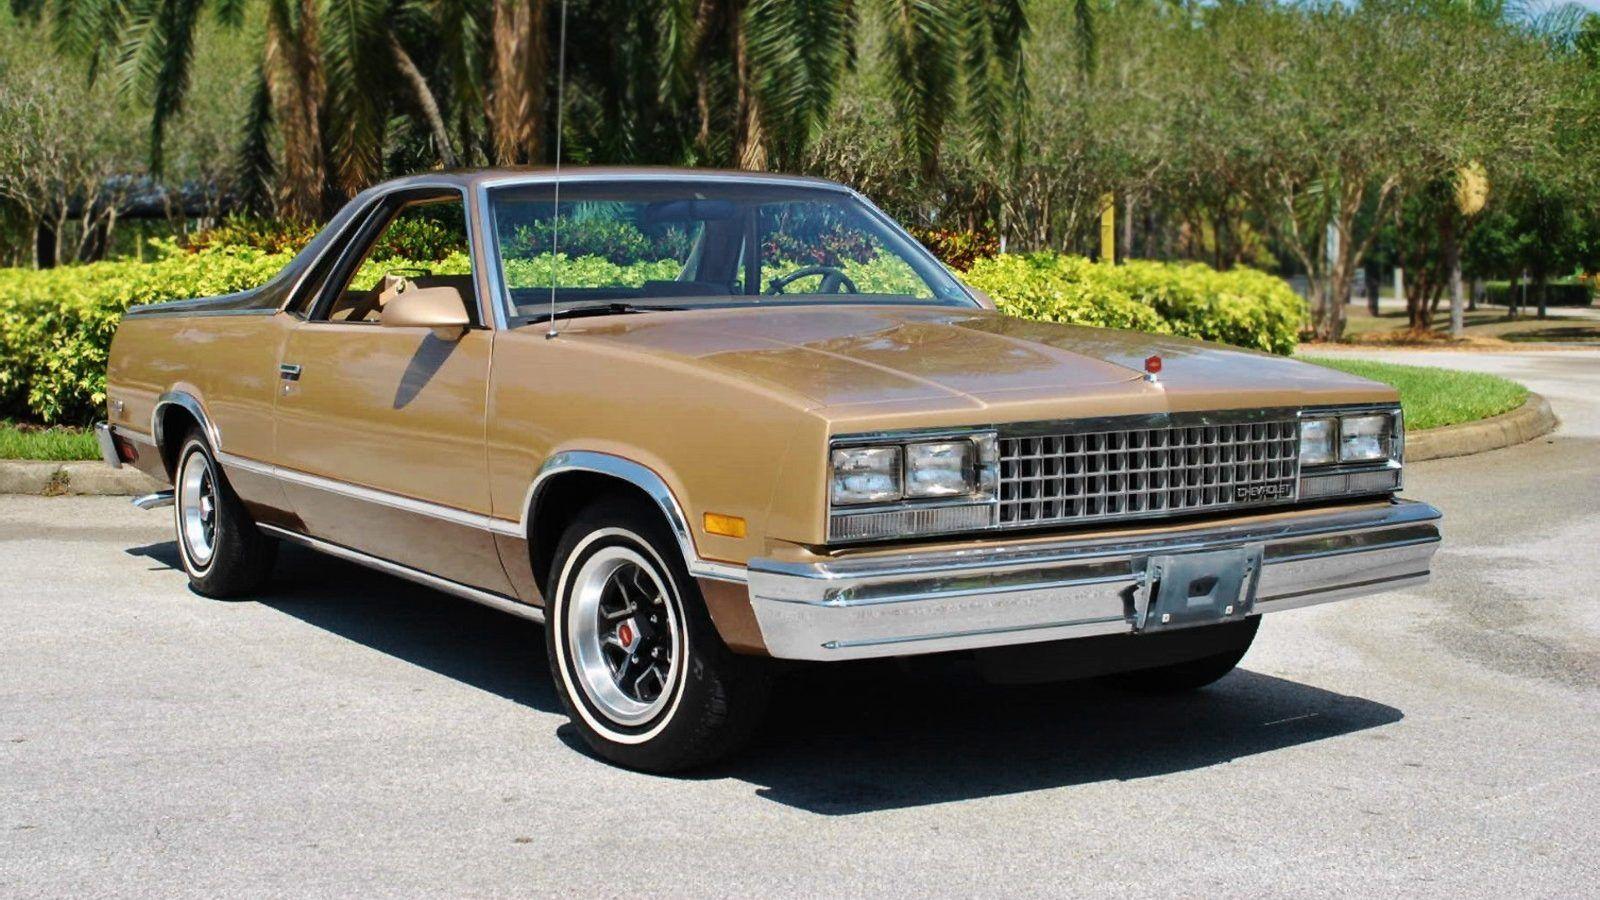 Conquista Camino 1987 Chevrolet El Camino Chevrolet El Camino